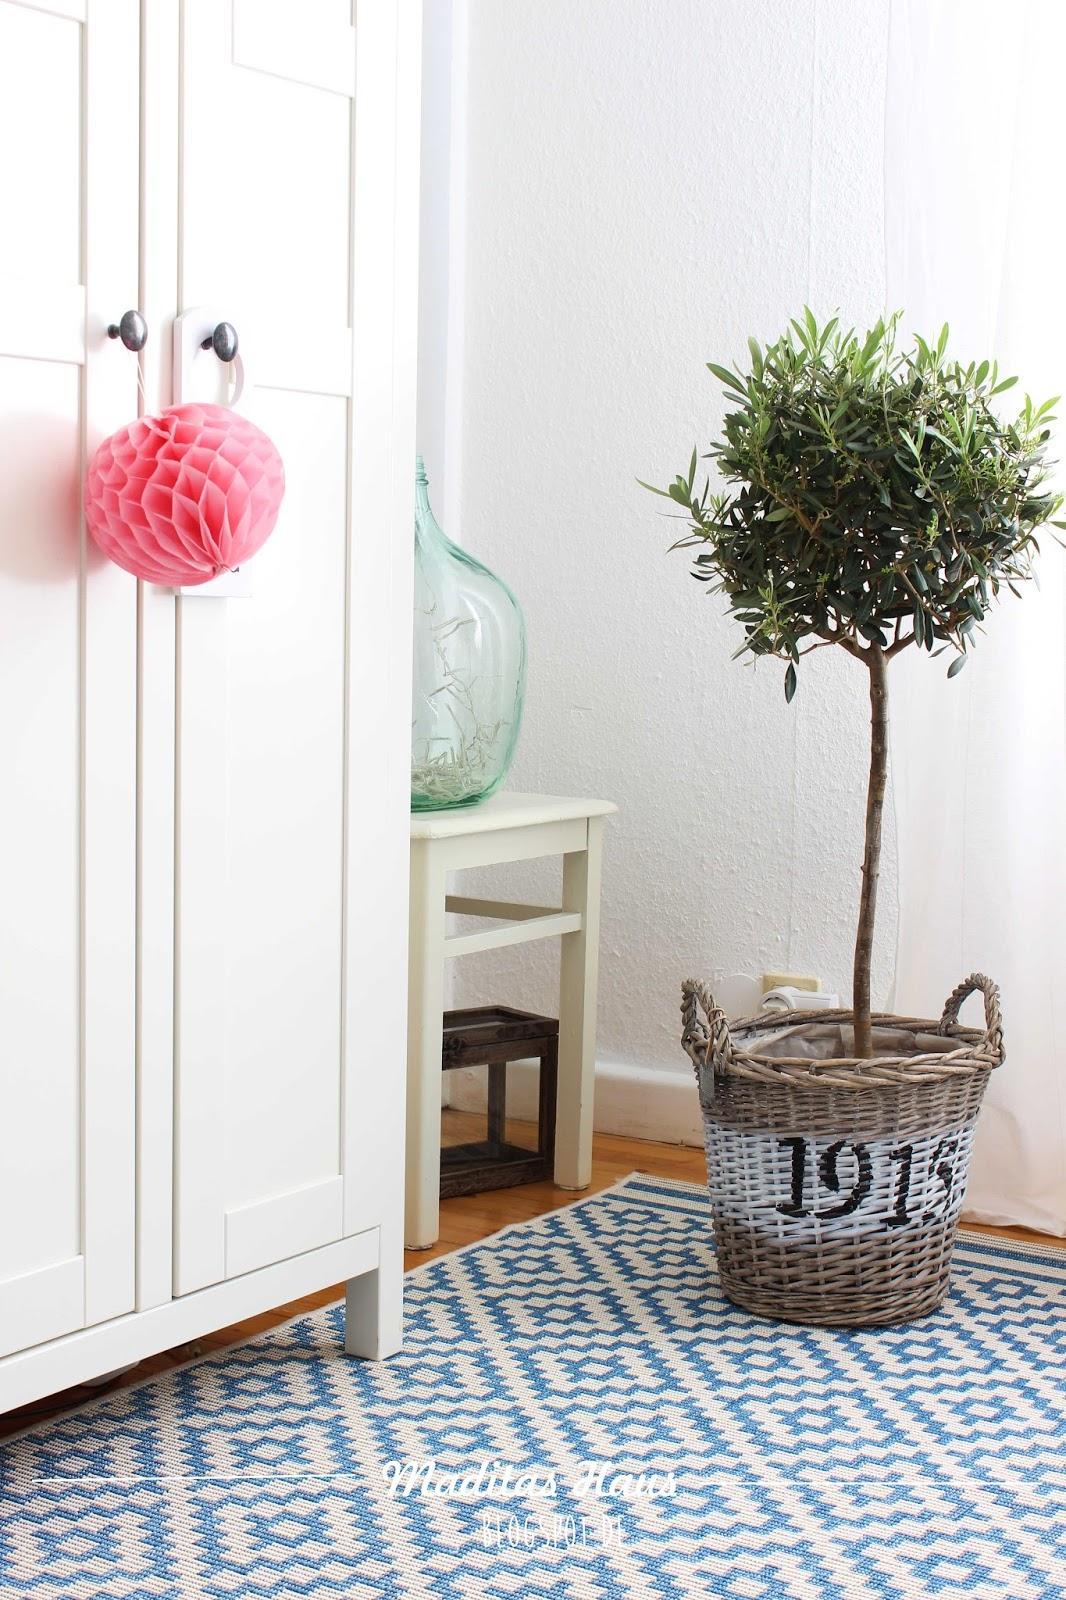 Gemeinsame Unser neuer Teppich | Maditas Haus | Lifestyle und Interior Blog @CG_59